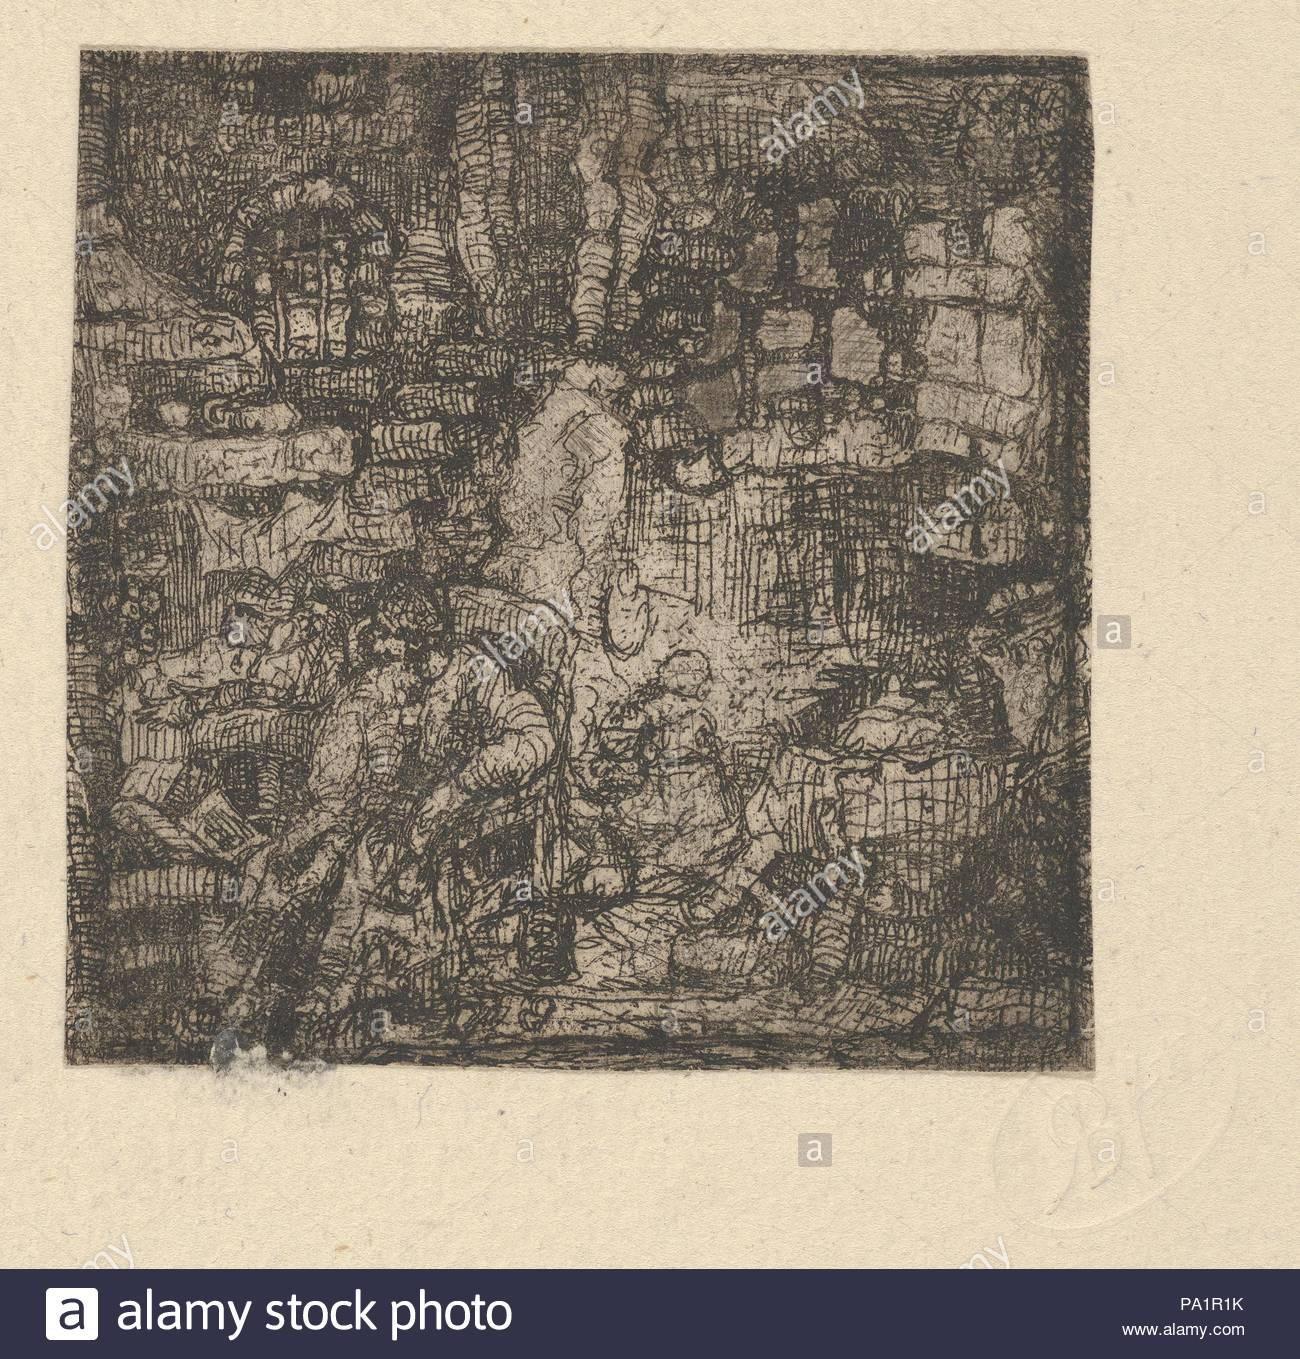 Vieillard Assis Dans un Intérieur (alter Mann sitzt in einem Innenraum), Ca. 1841, Radierung, Mount: 7 3/8 x 5 1/2 in. (18,7 x 14 cm), Drucke, Rodolphe Bresdin (Französisch, Montrelais 1822 - 1885 Sèvres). Stockbild